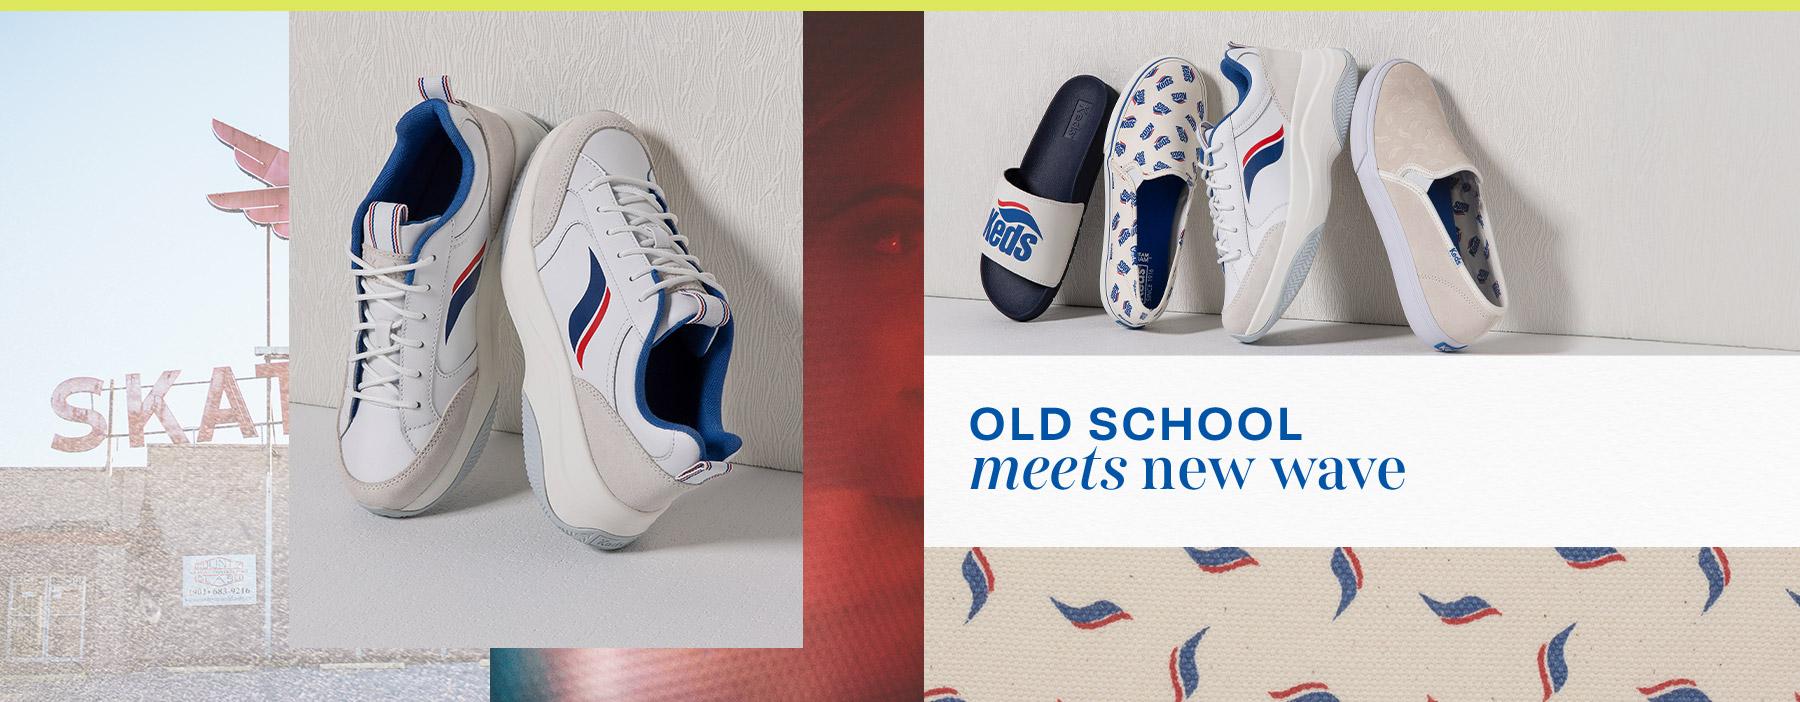 Old School meets new wave